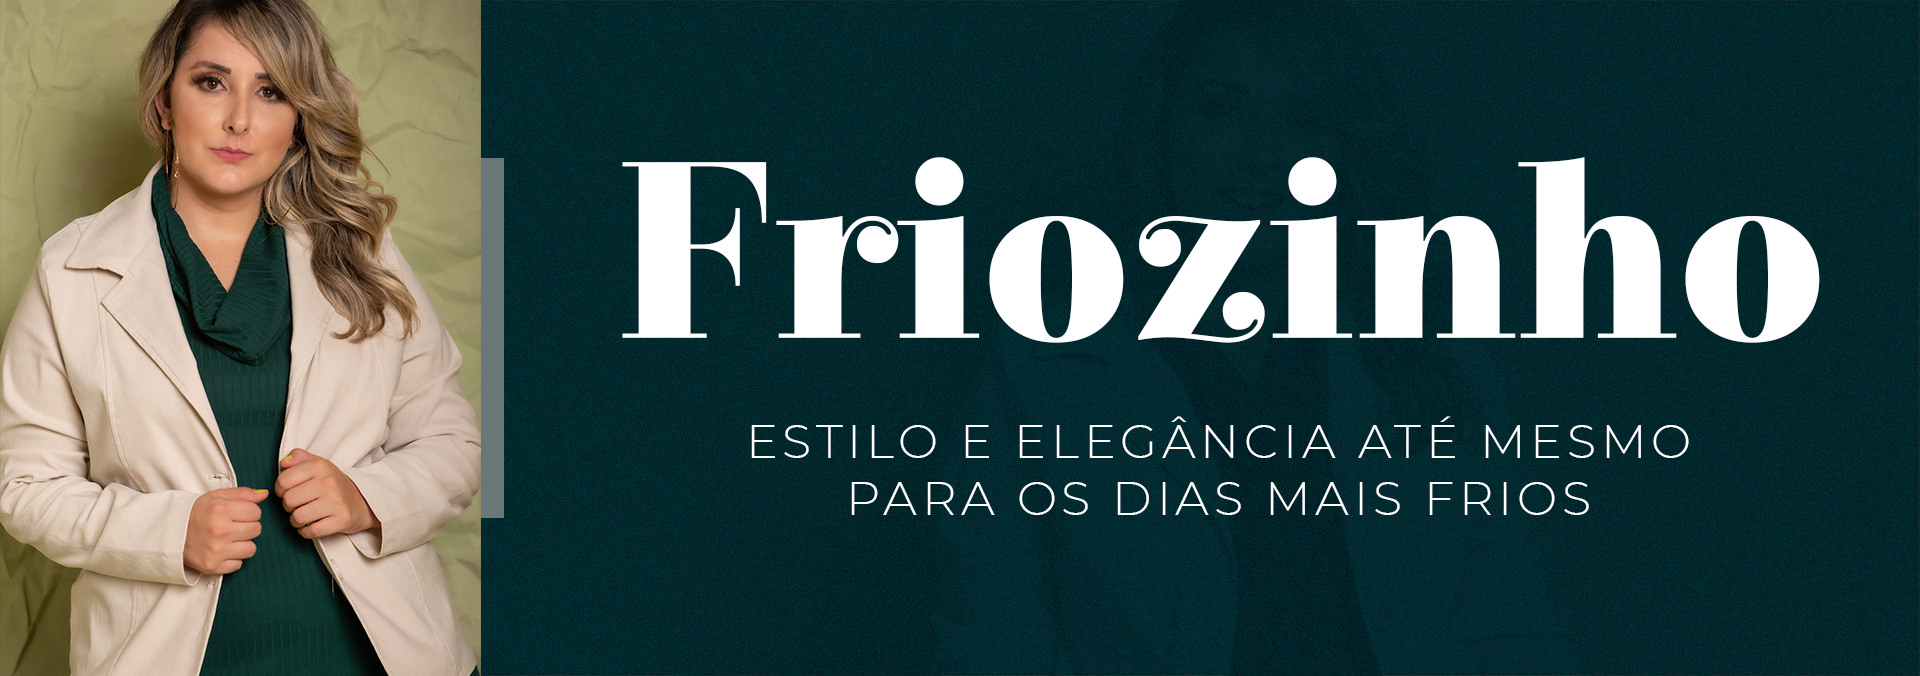 Banner Friozinho